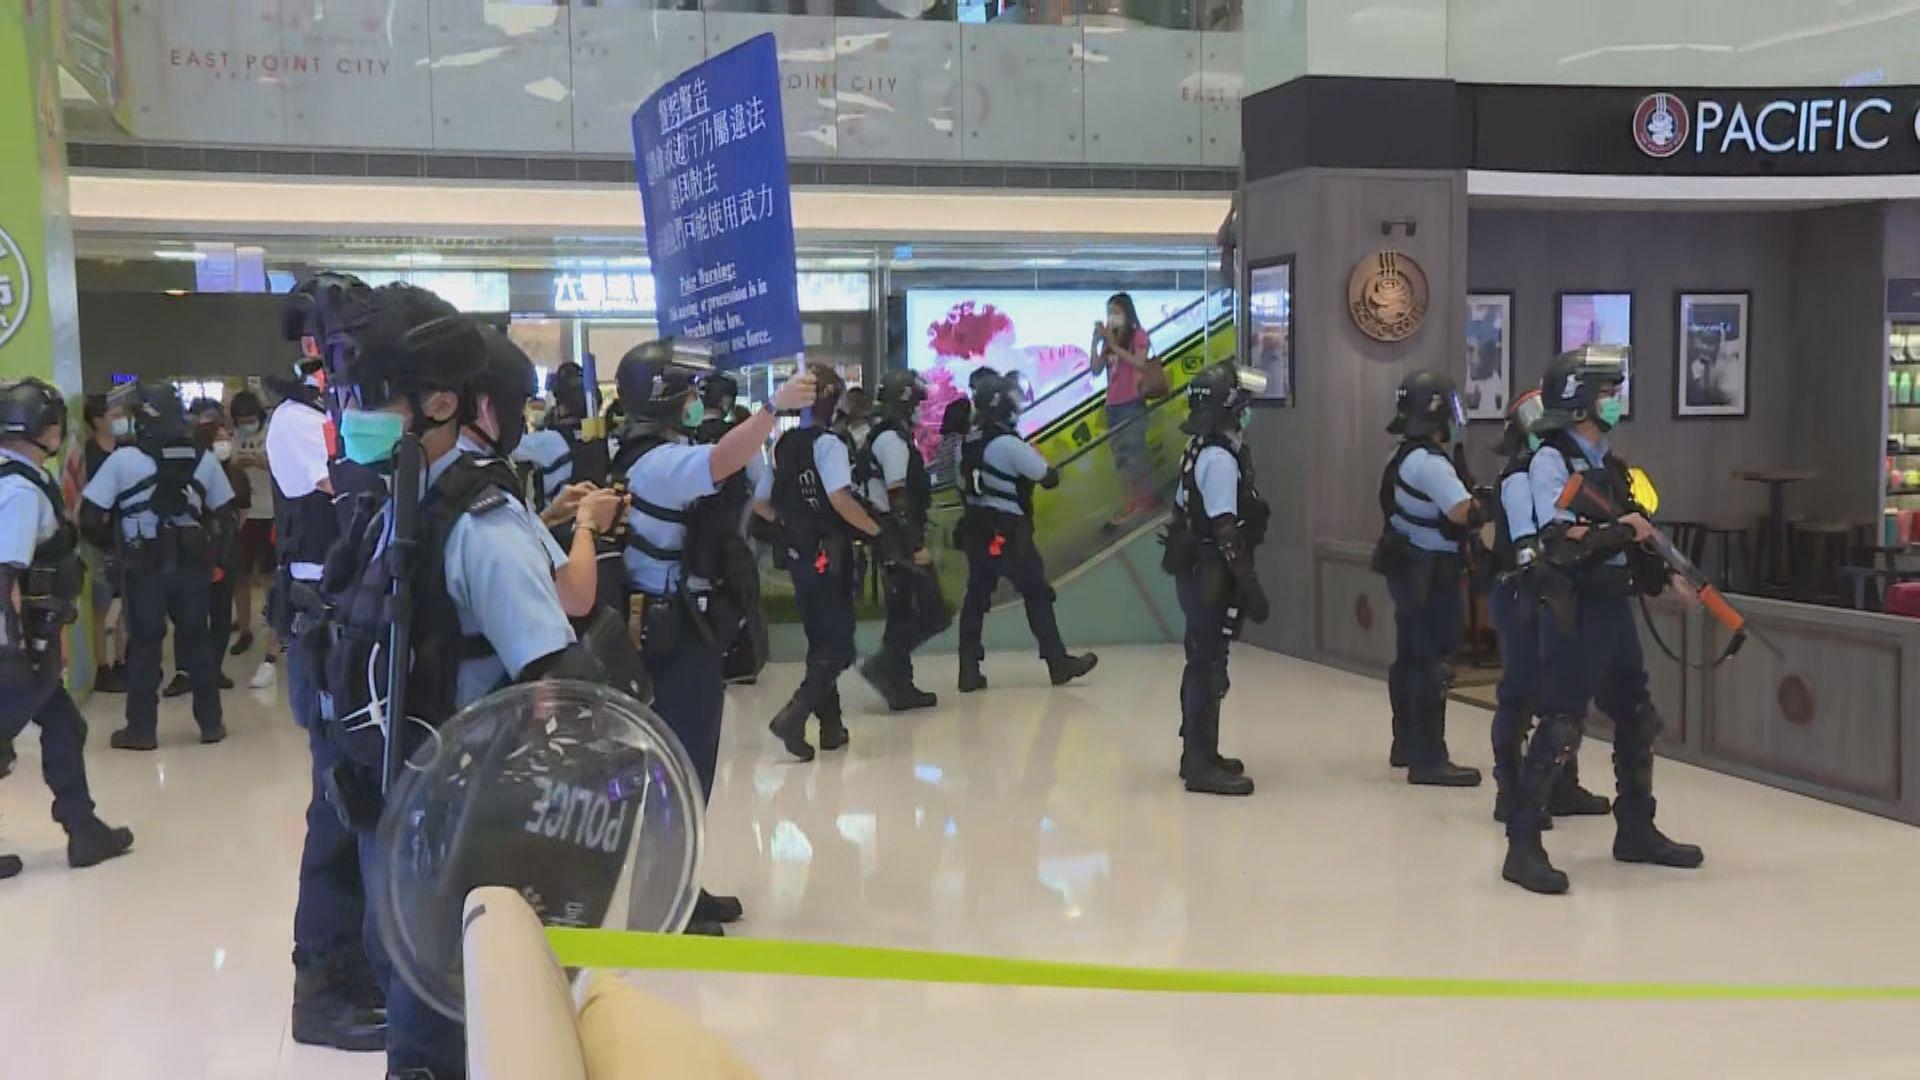 多區商場有人聚集 警稱非法集結在將軍澳商場拘捕多人